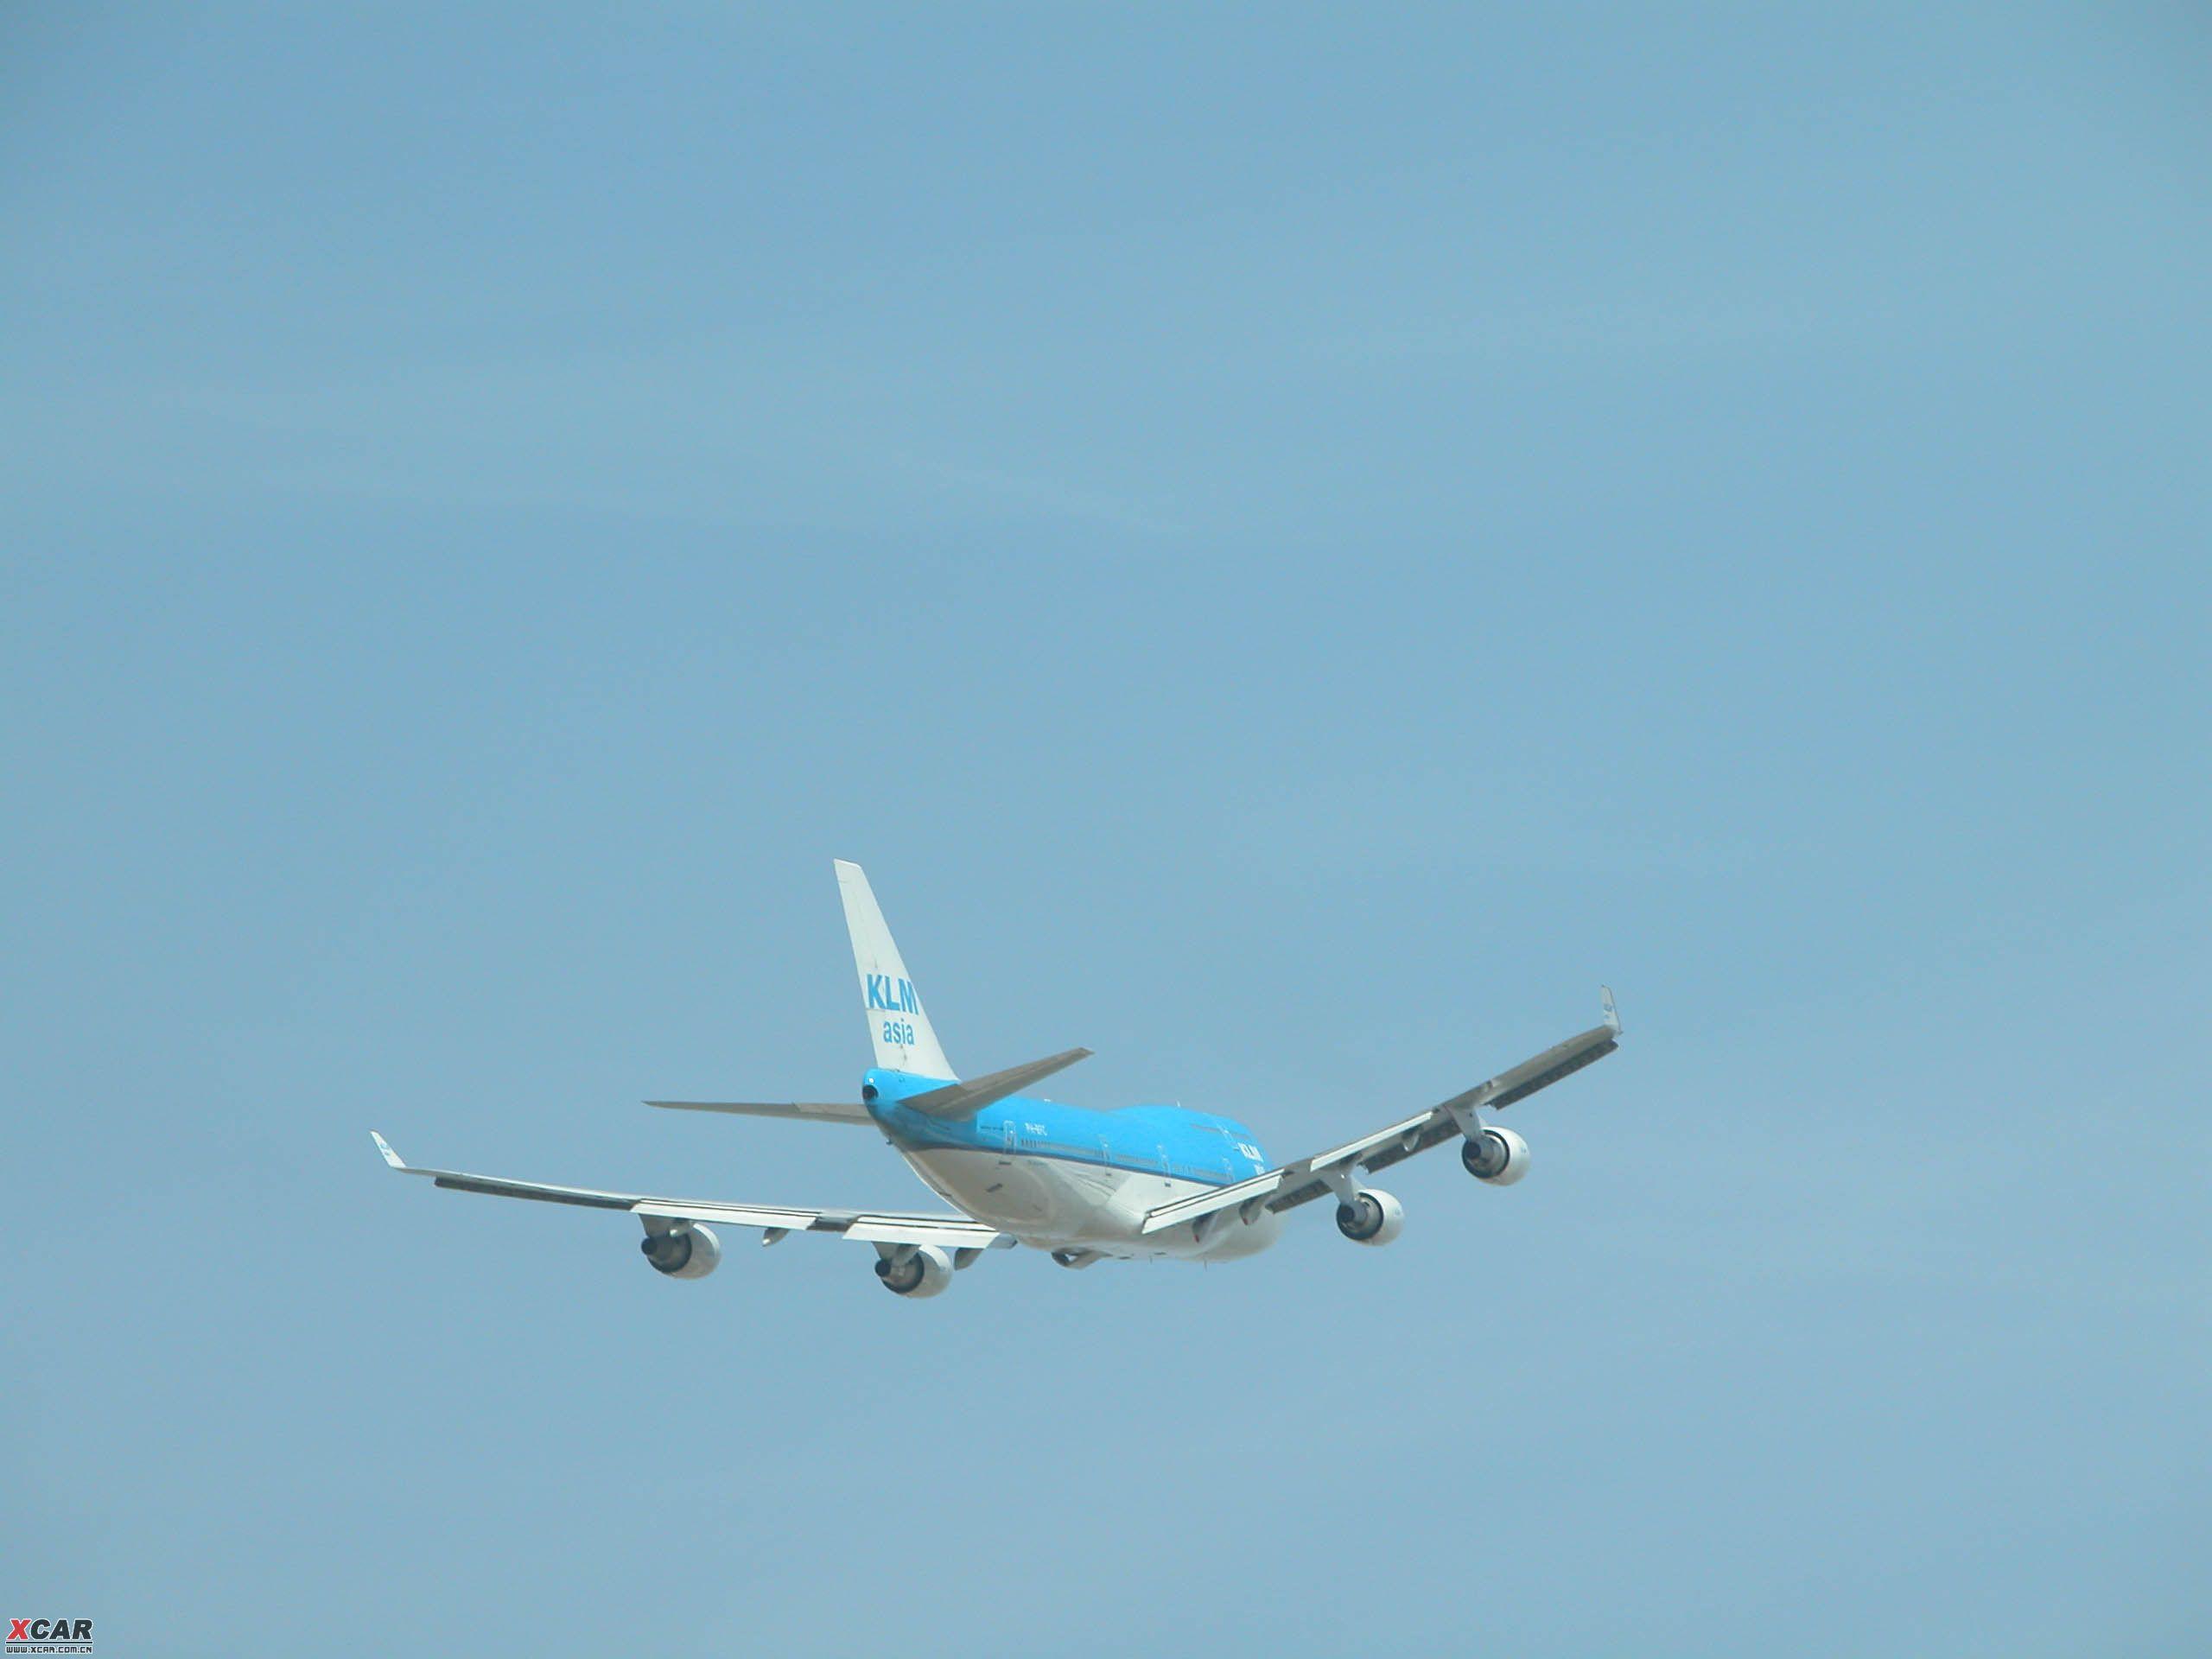 【精华】飞机来了(特别篇)—起飞众生相